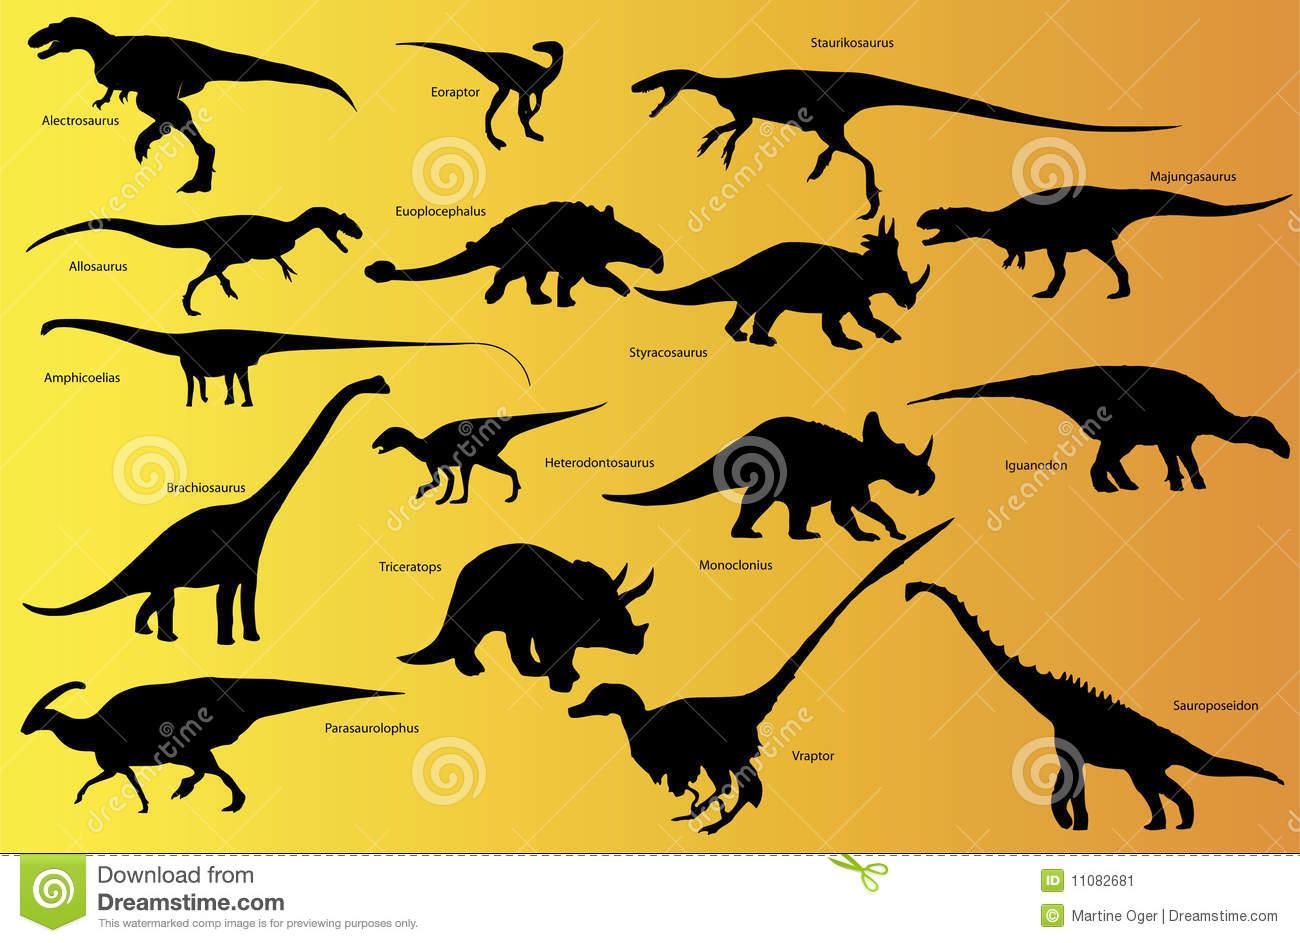 Dinosaurier Mit Namen. Vektor Abbildung. Illustration Von verwandt mit Dinosaurier Namen Und Bilder